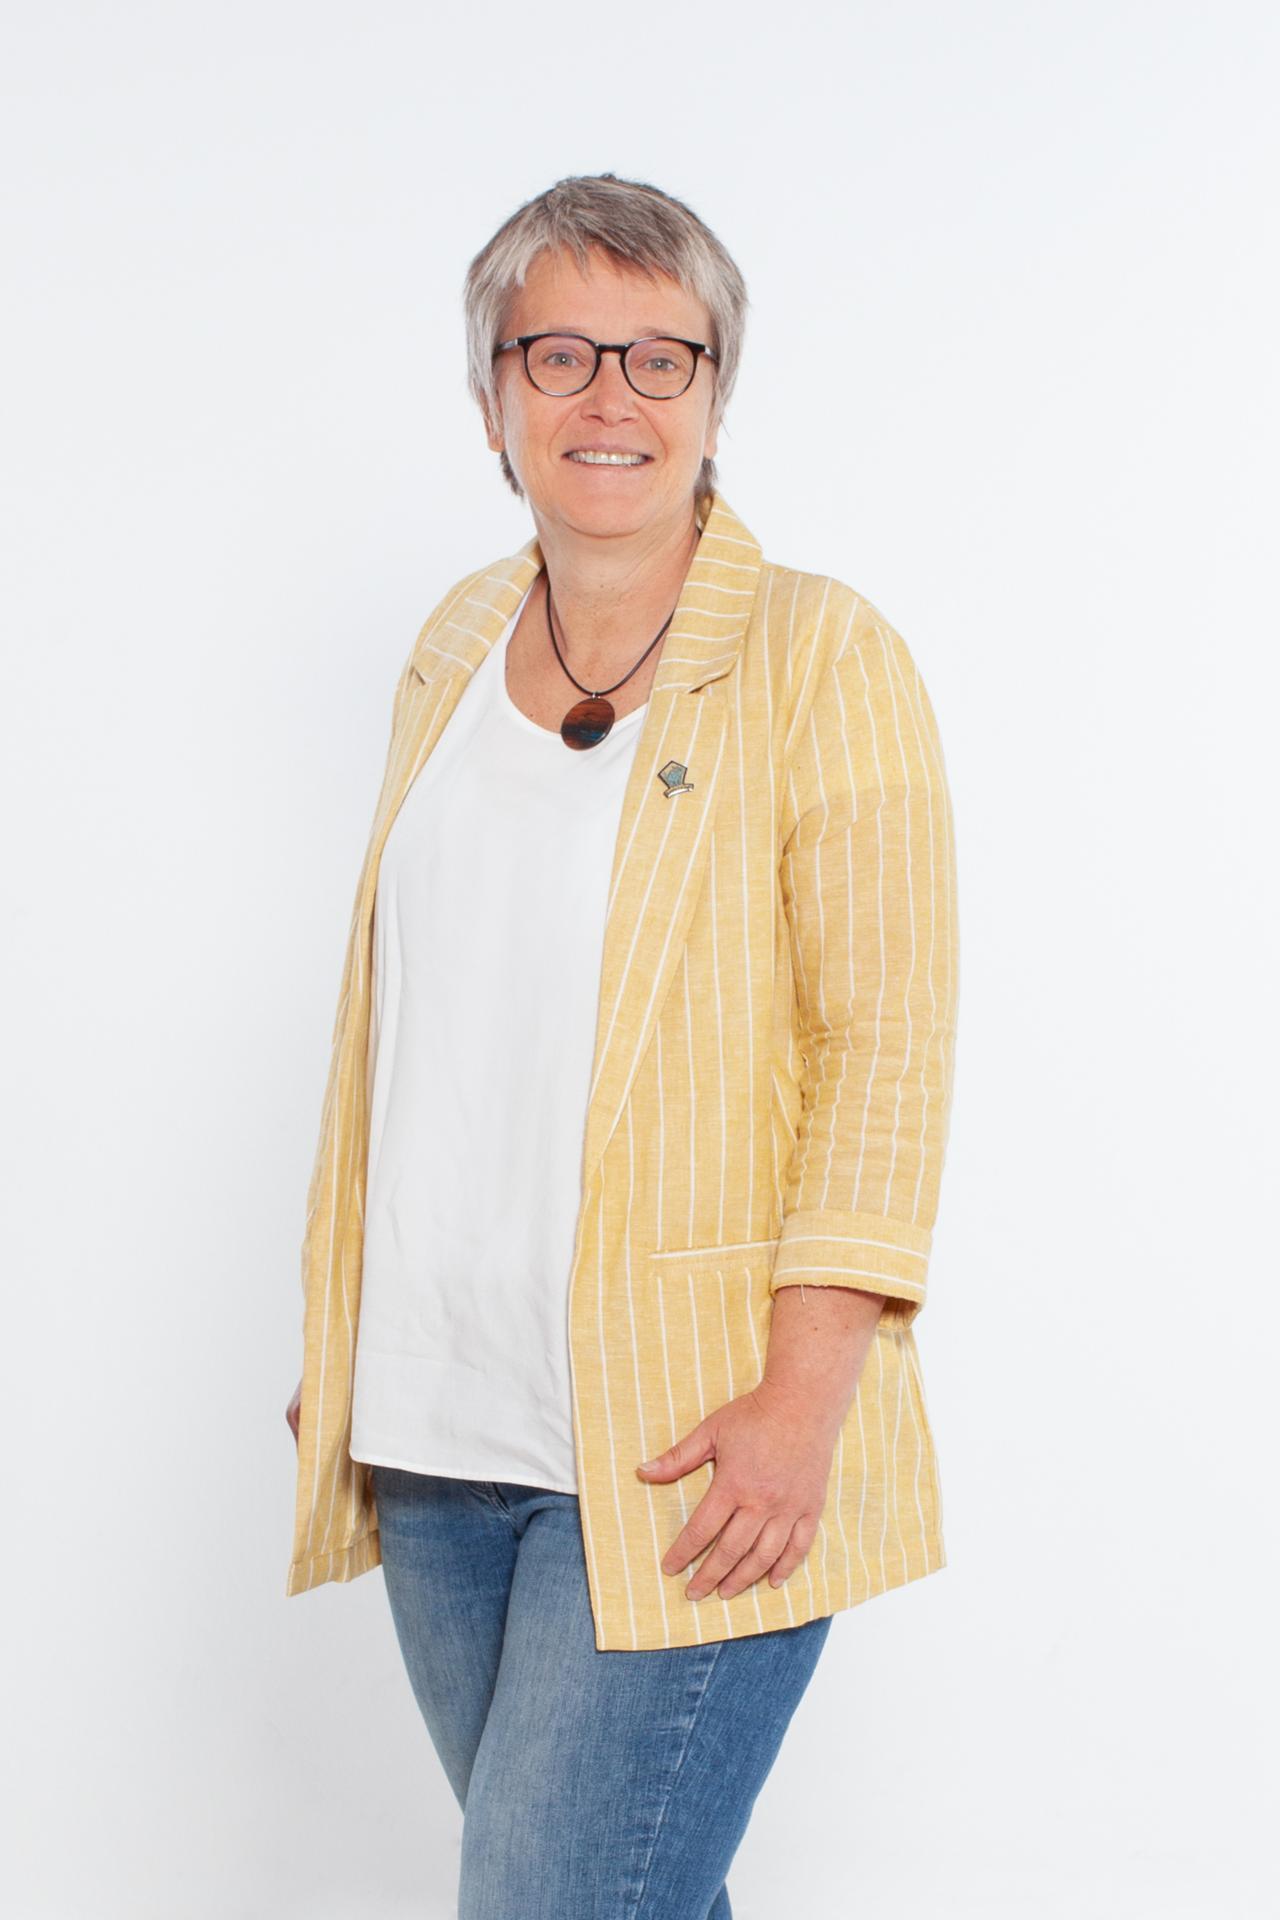 Friederike Schmidt-Dannert